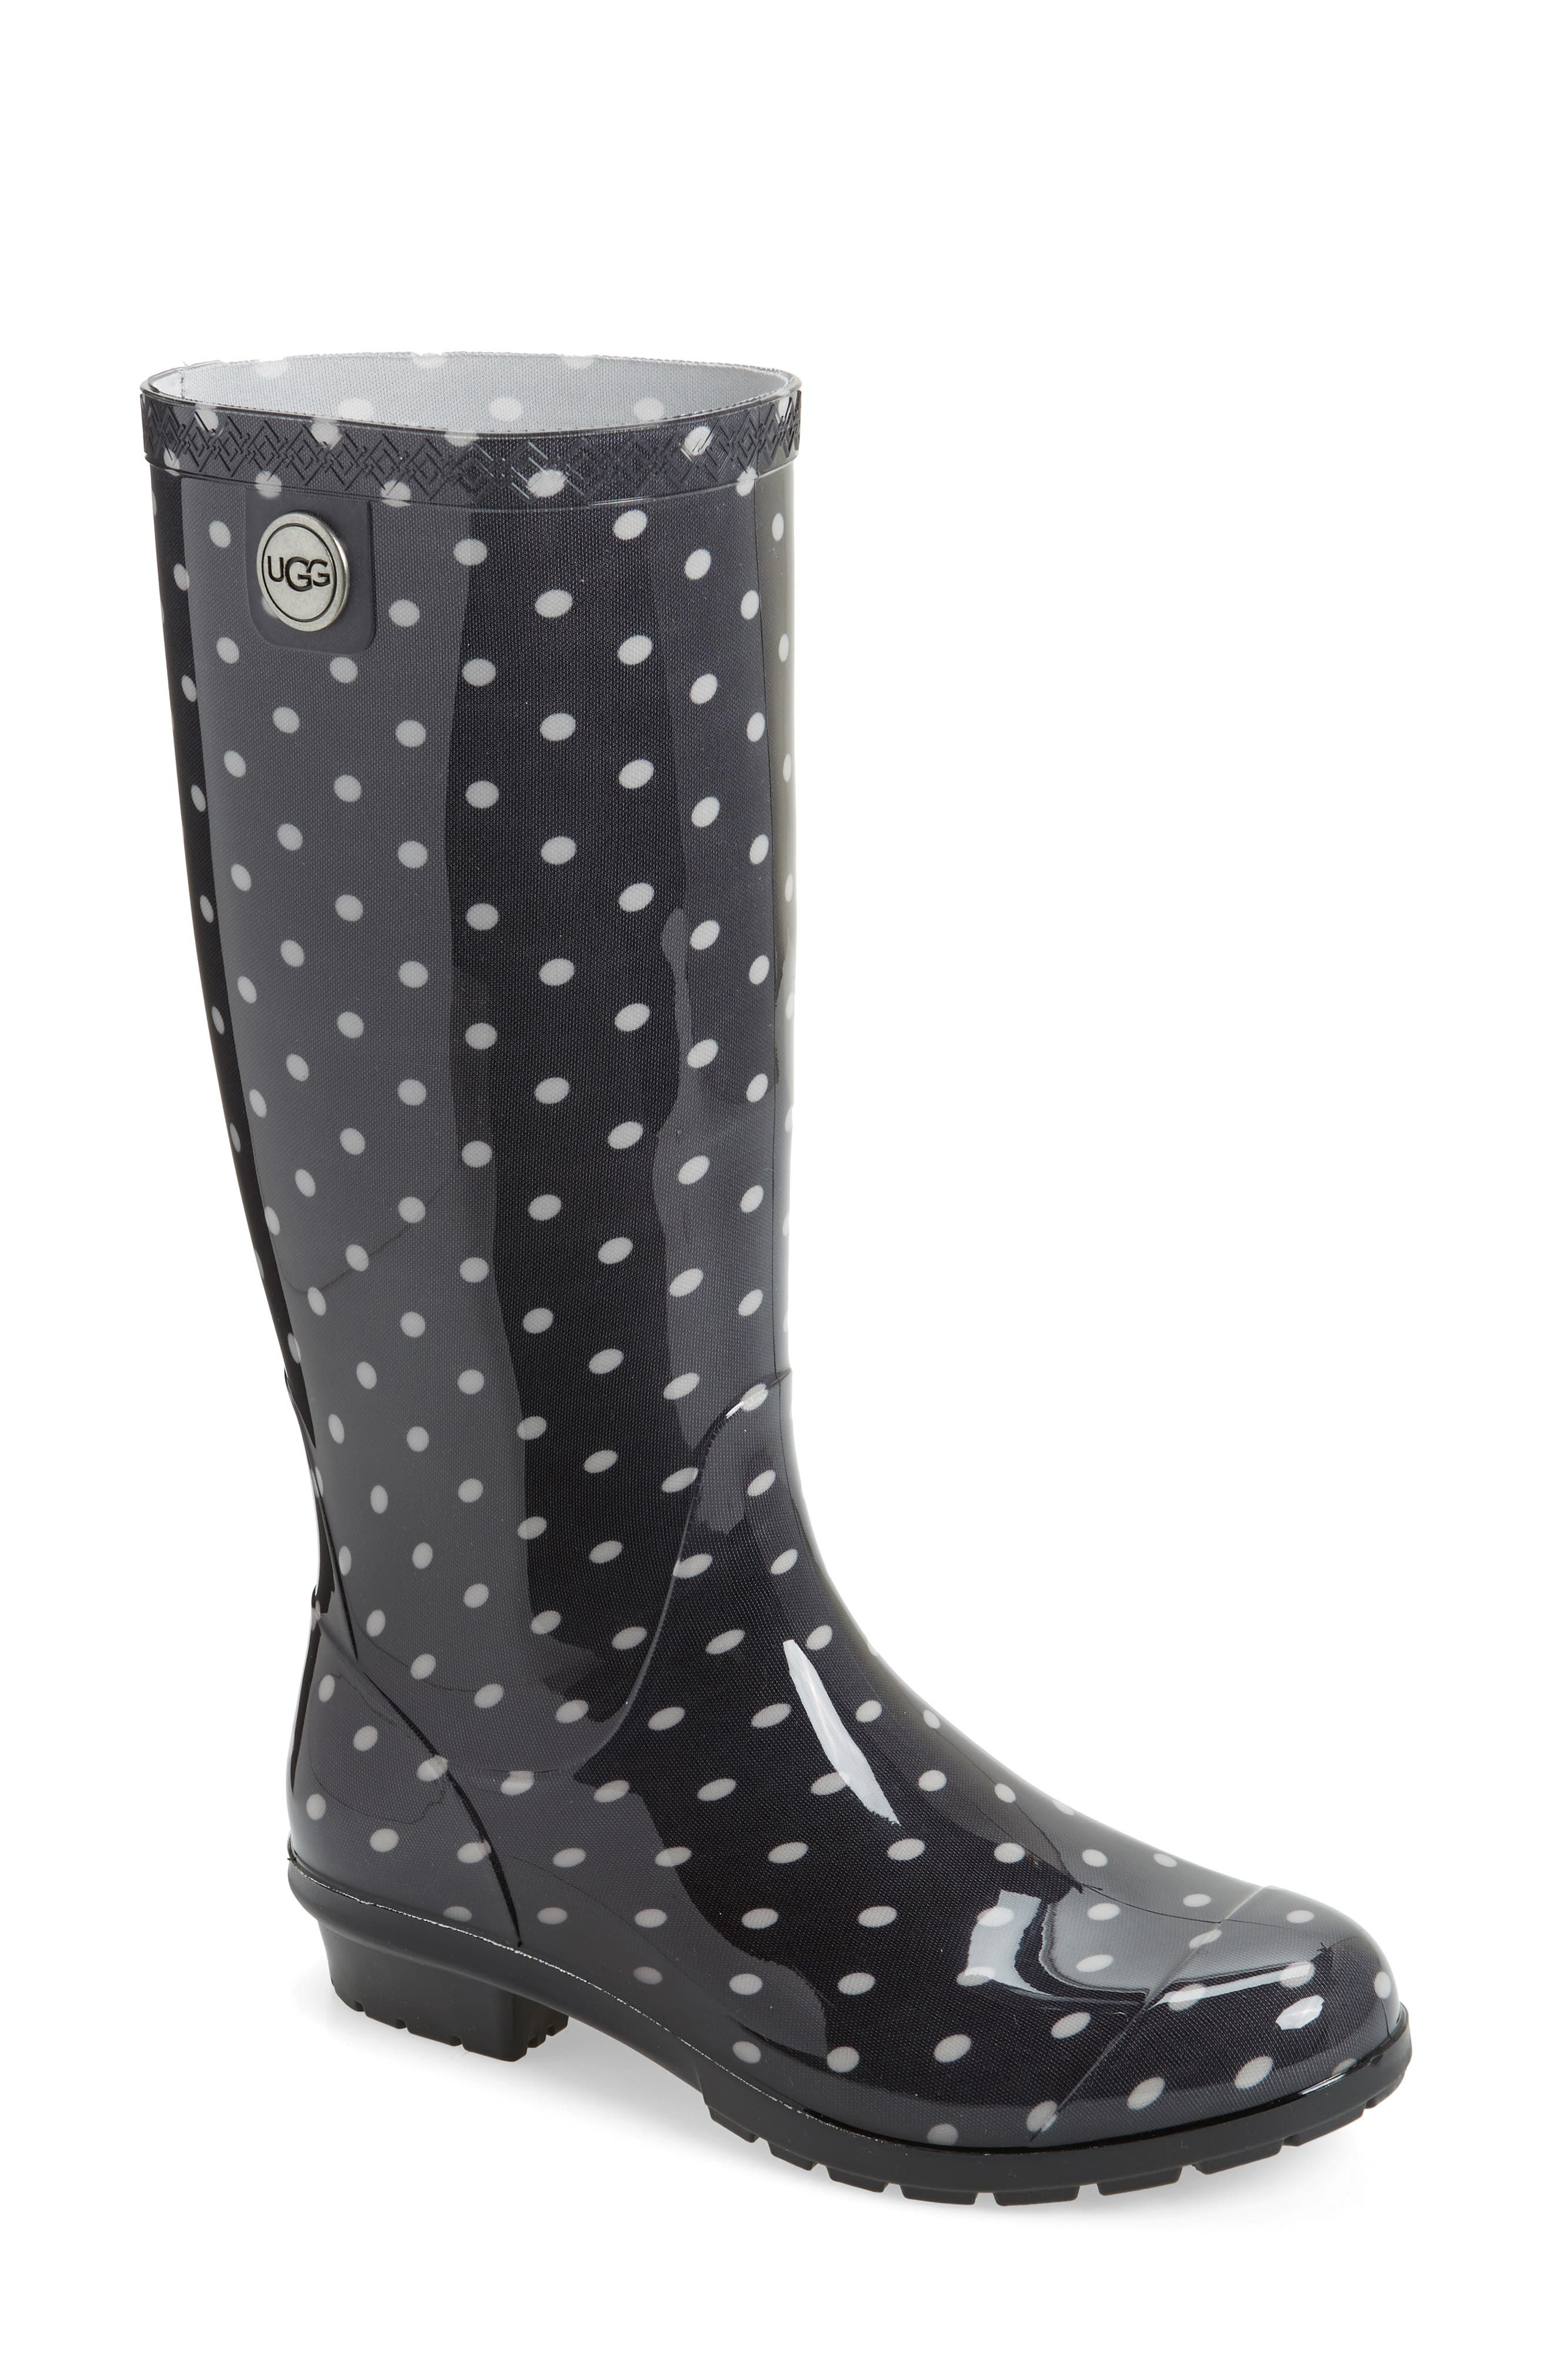 UGG<SUP>®</SUP> Shaye Polka Dot Rain Boot